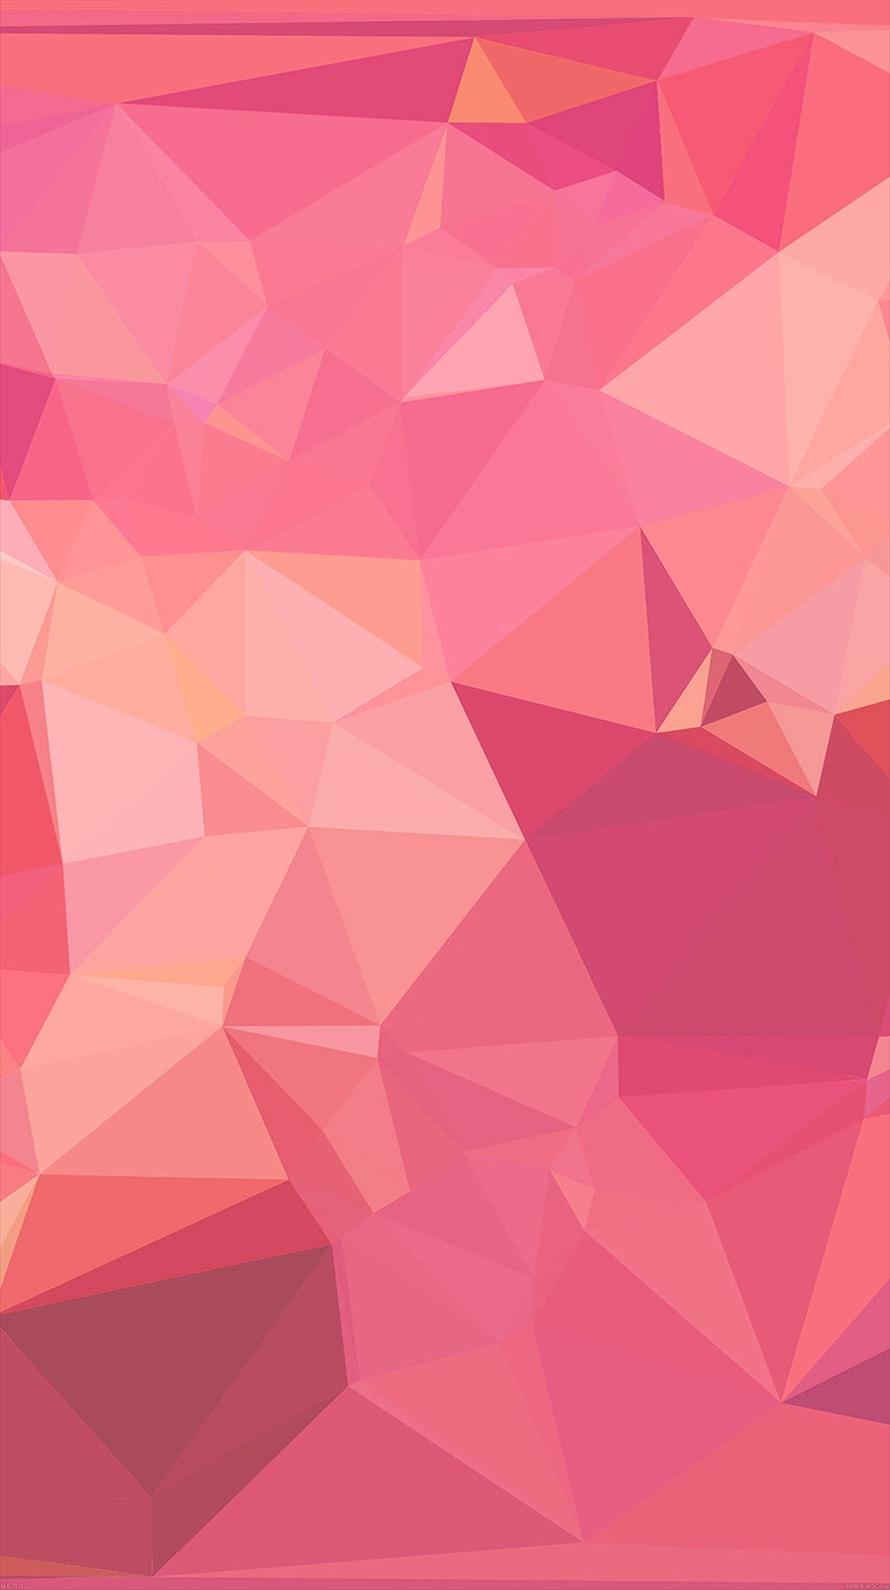 ピンクのポリゴン iPhone6壁紙